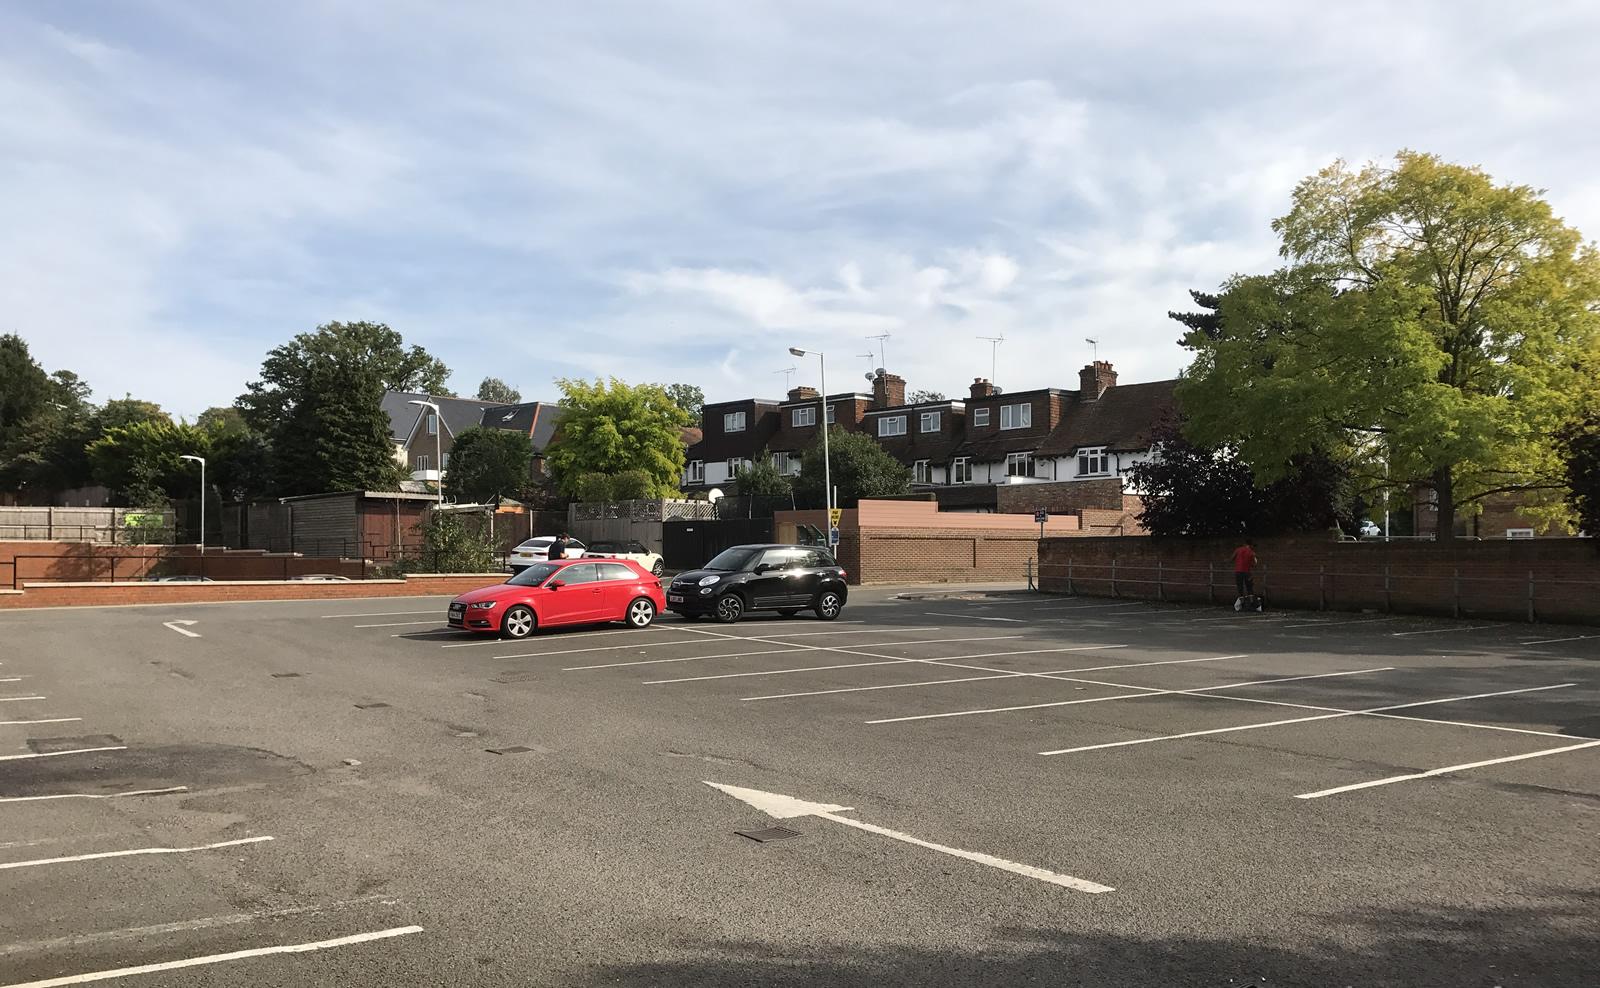 Baker Street Car Park Weybridge